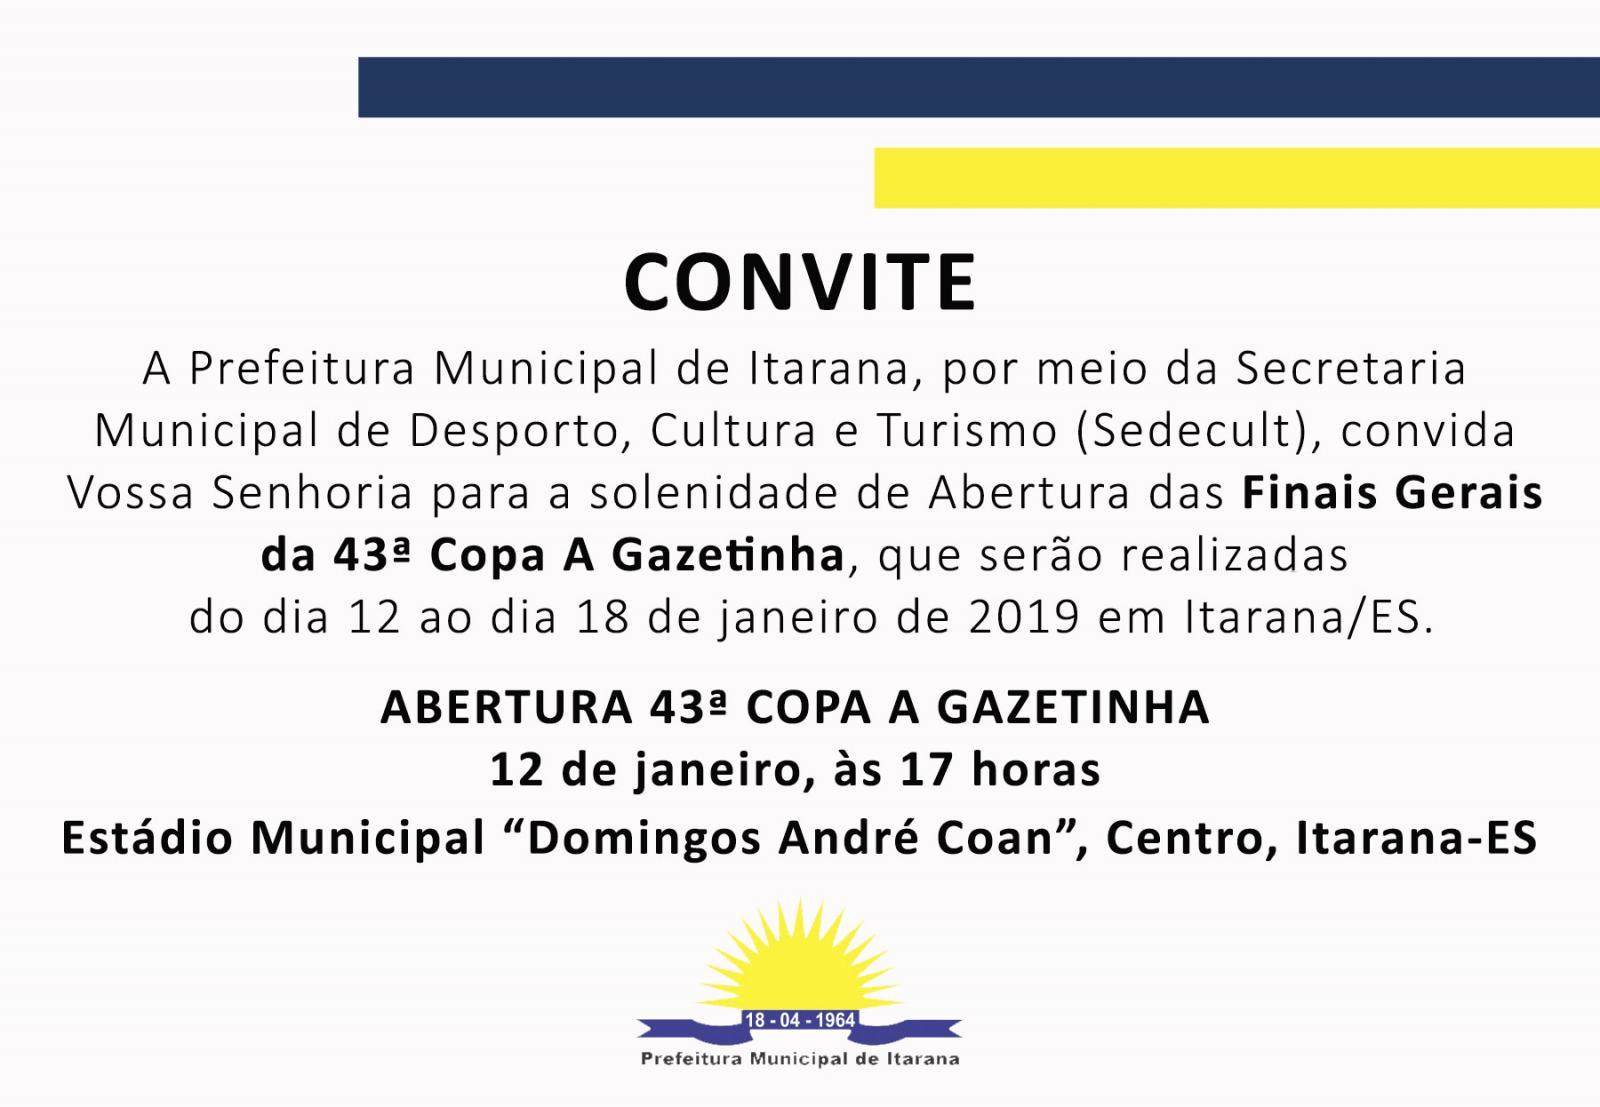 Abertura das Finais Gerais da Copa A Gazetinha será no sábado, dia 12 de janeiro